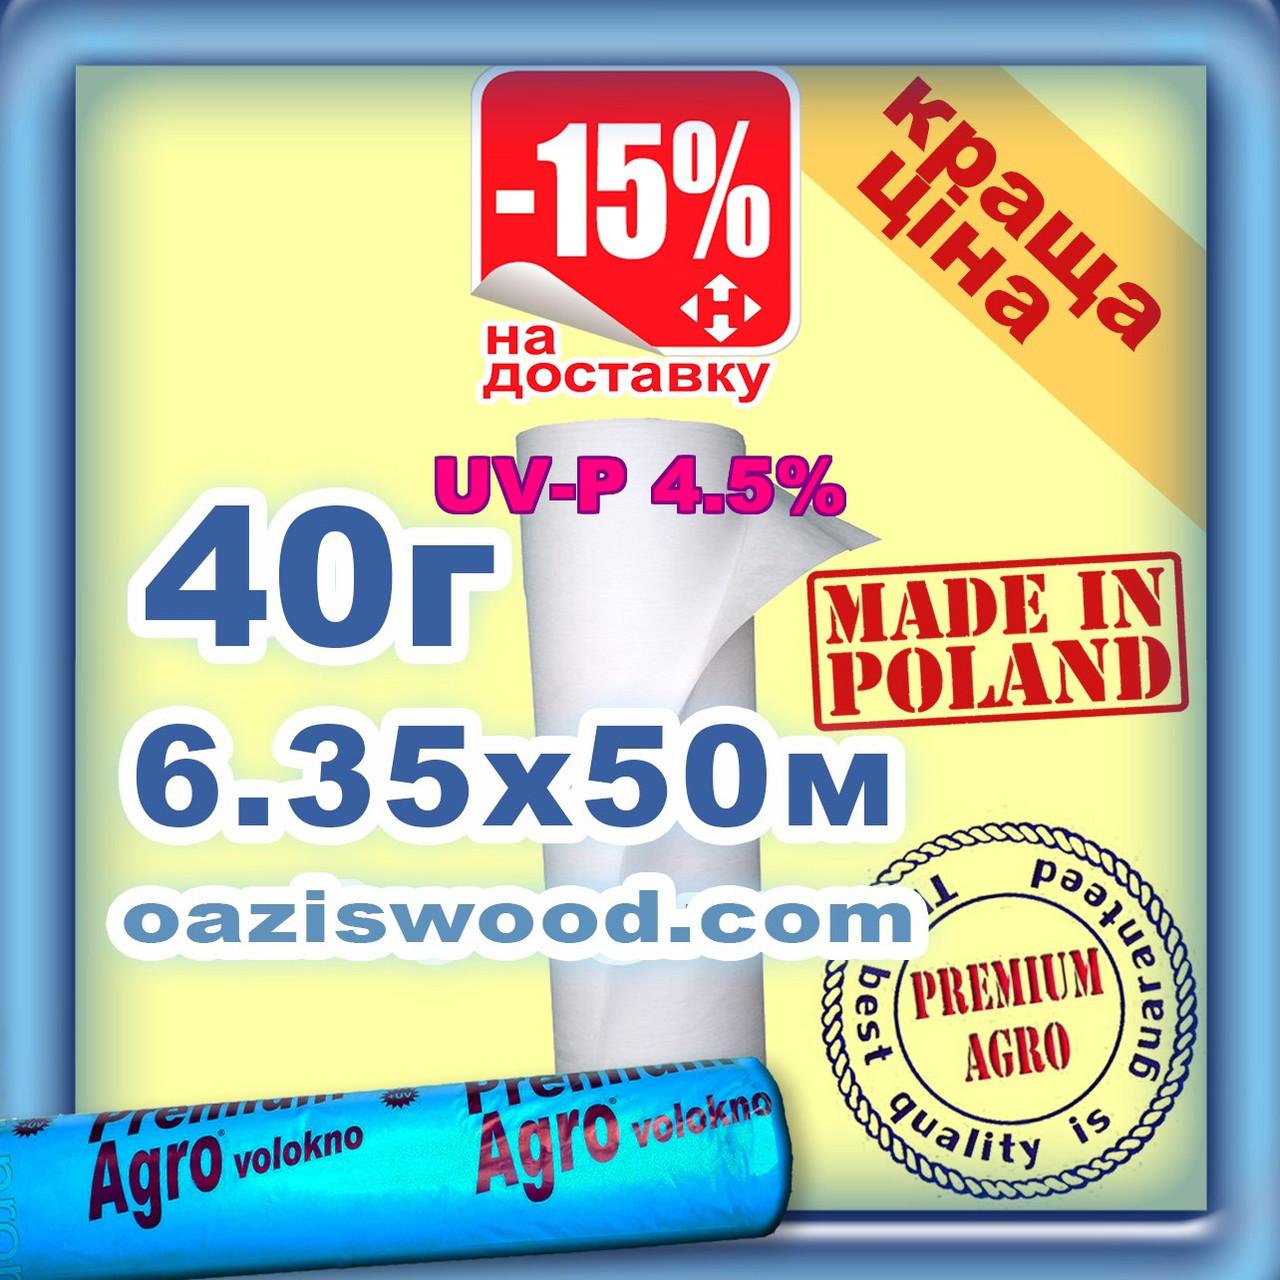 Агроволокно р-40g 6,35*50м белое UV-P 4.5% Premium-Agro Польша